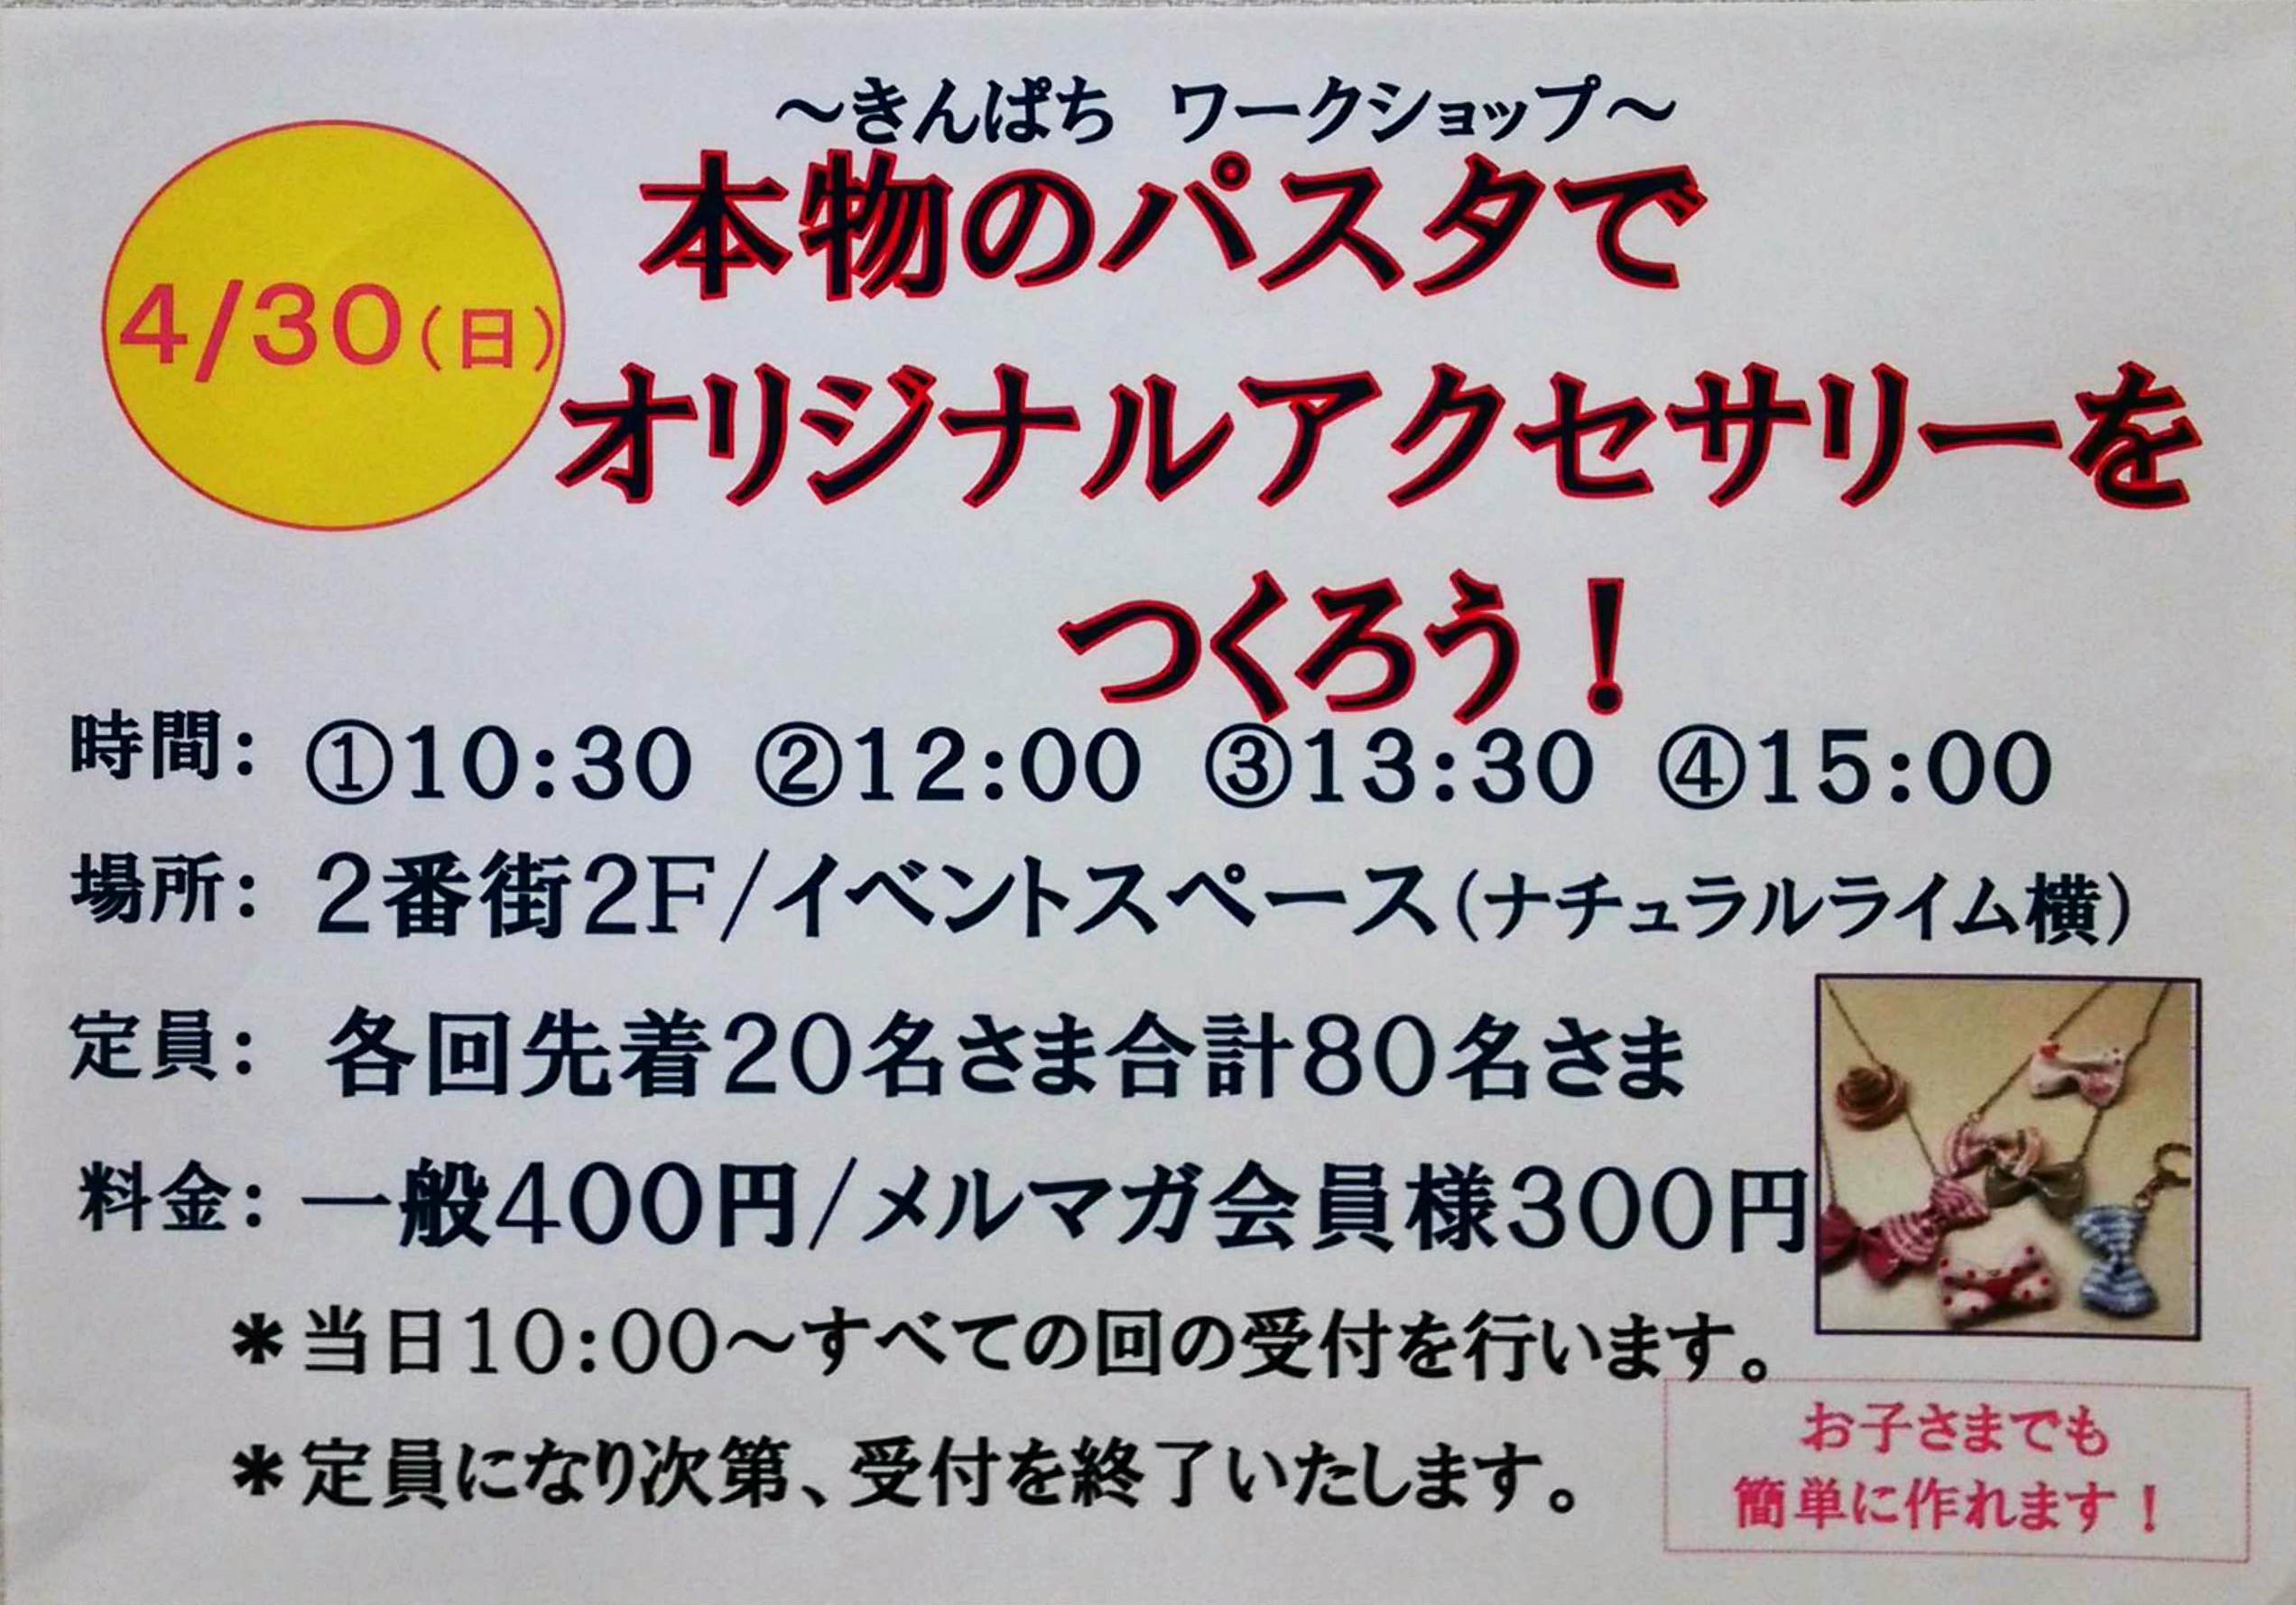 2017 04 06 12 56 Office Lens